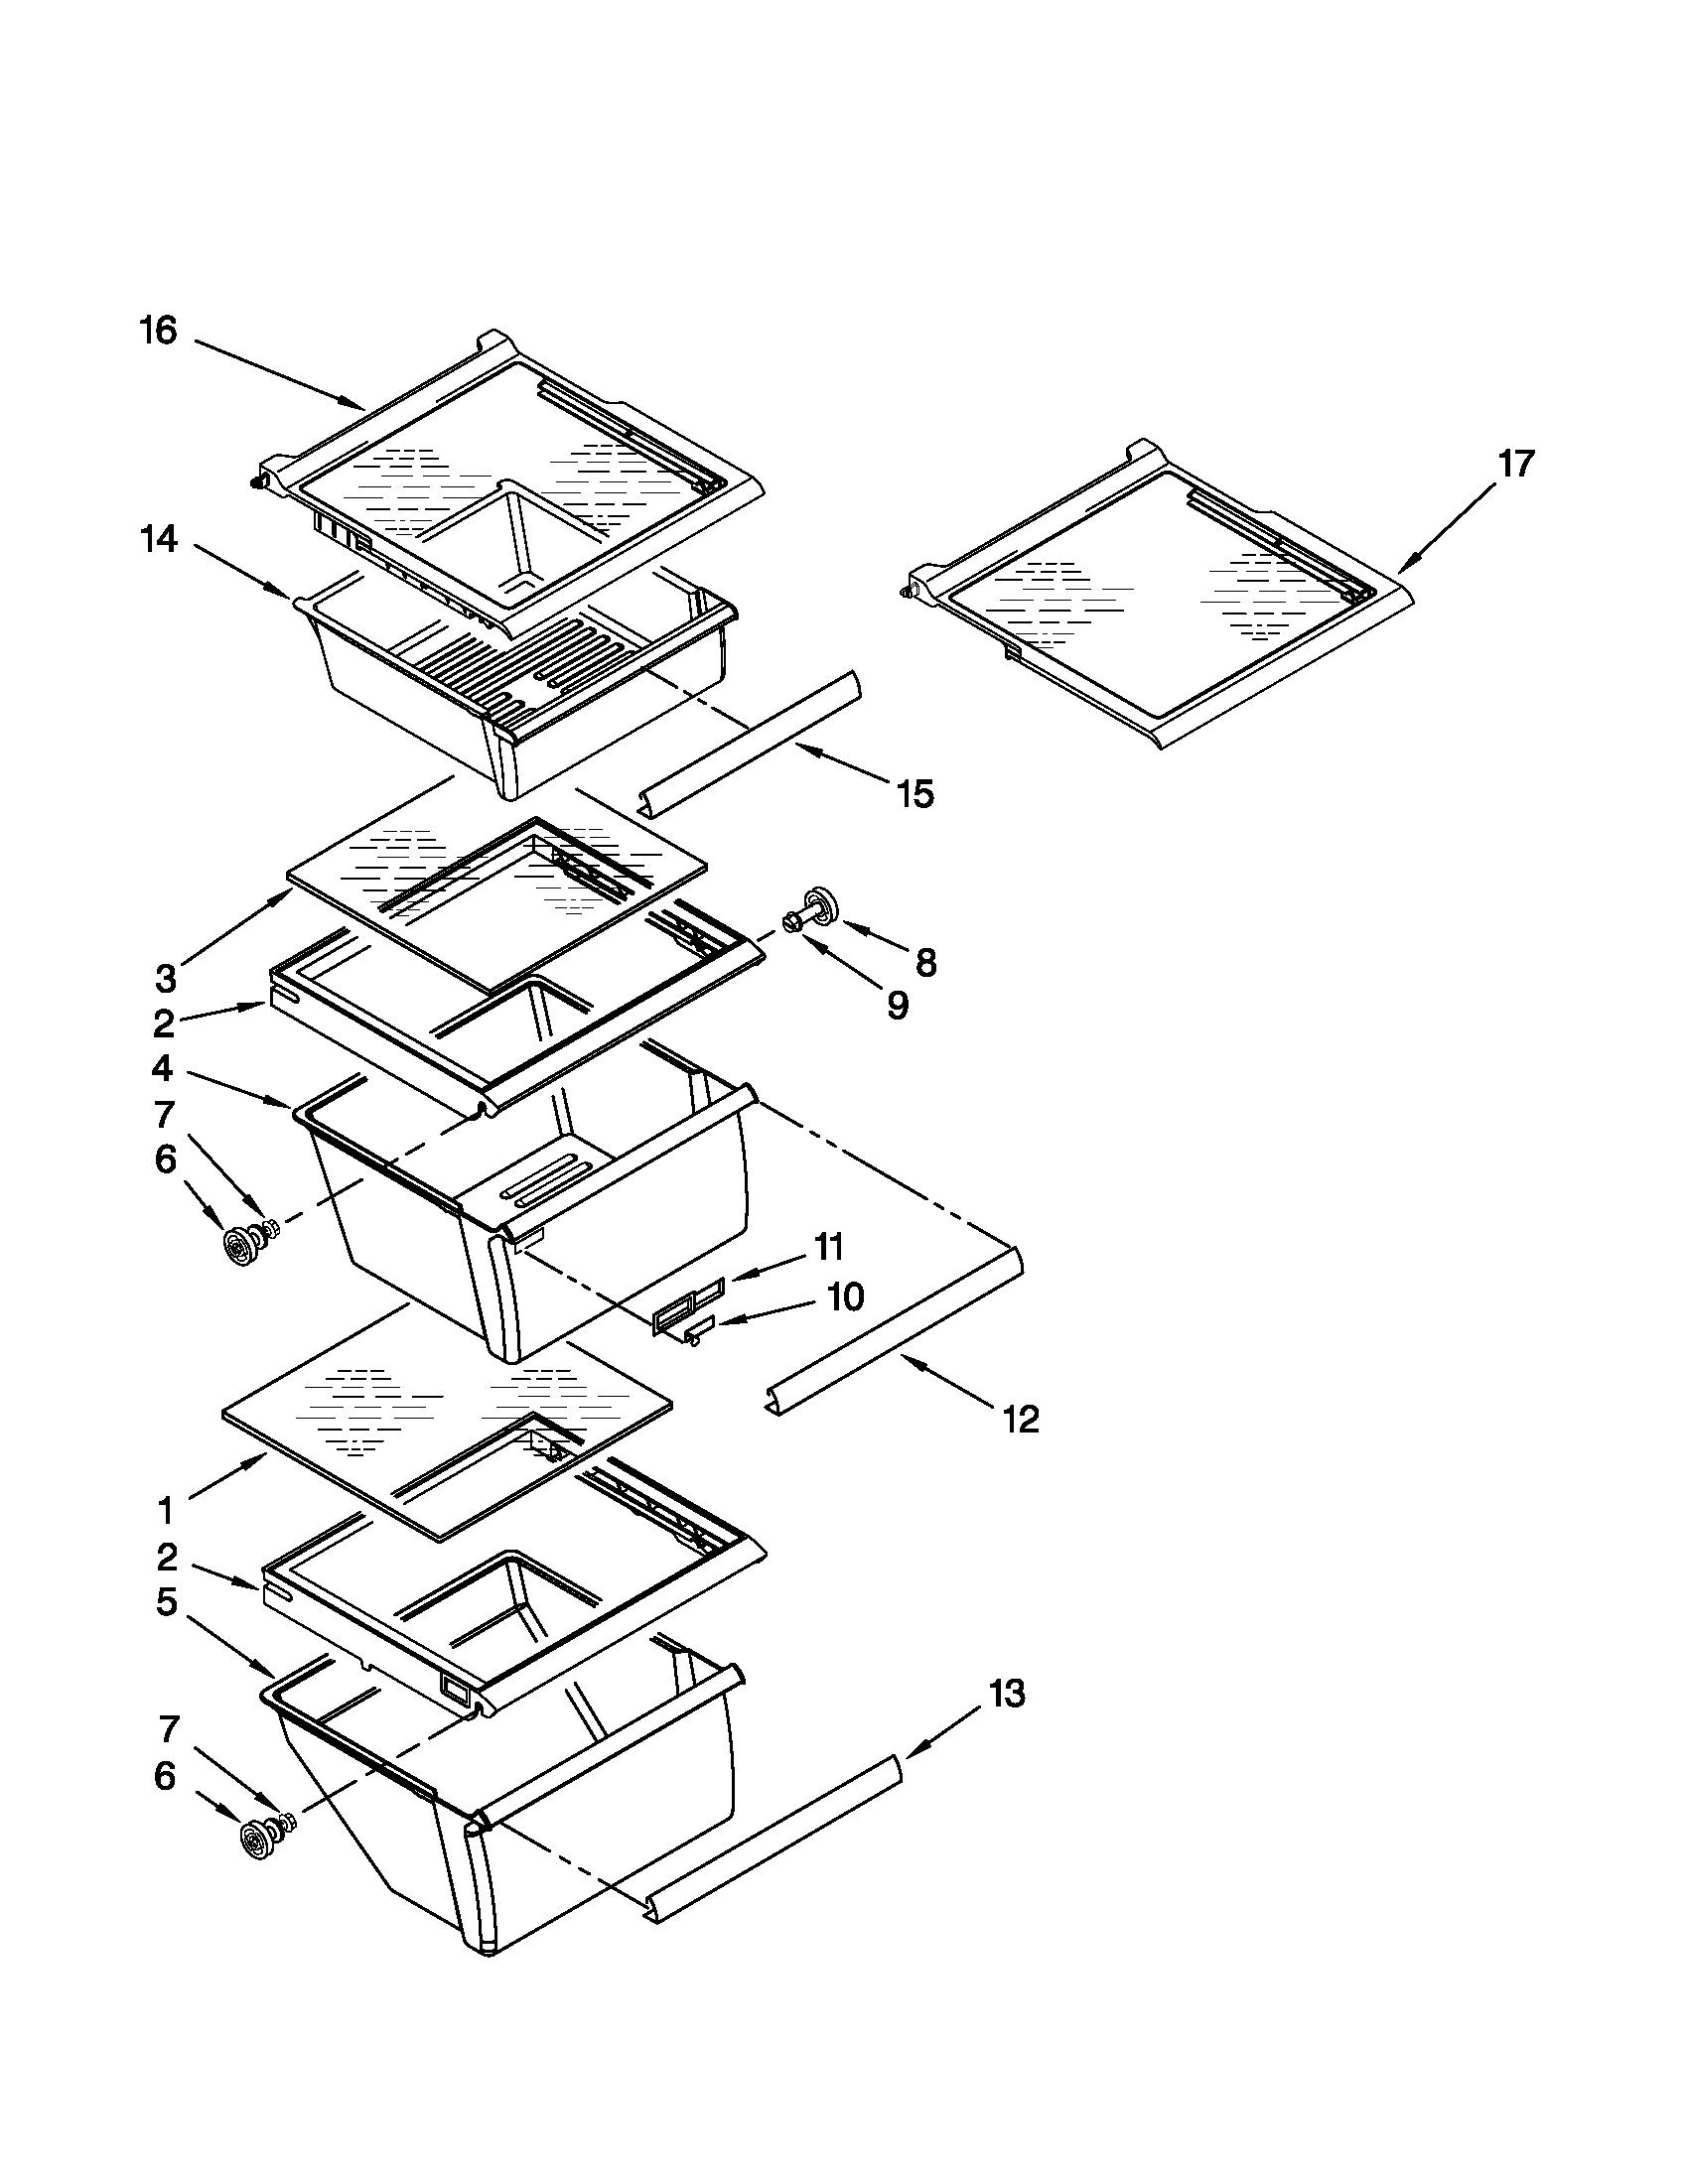 Wiring Diagram For Pioneer Deh P5200hd Pioneer Super Tuner